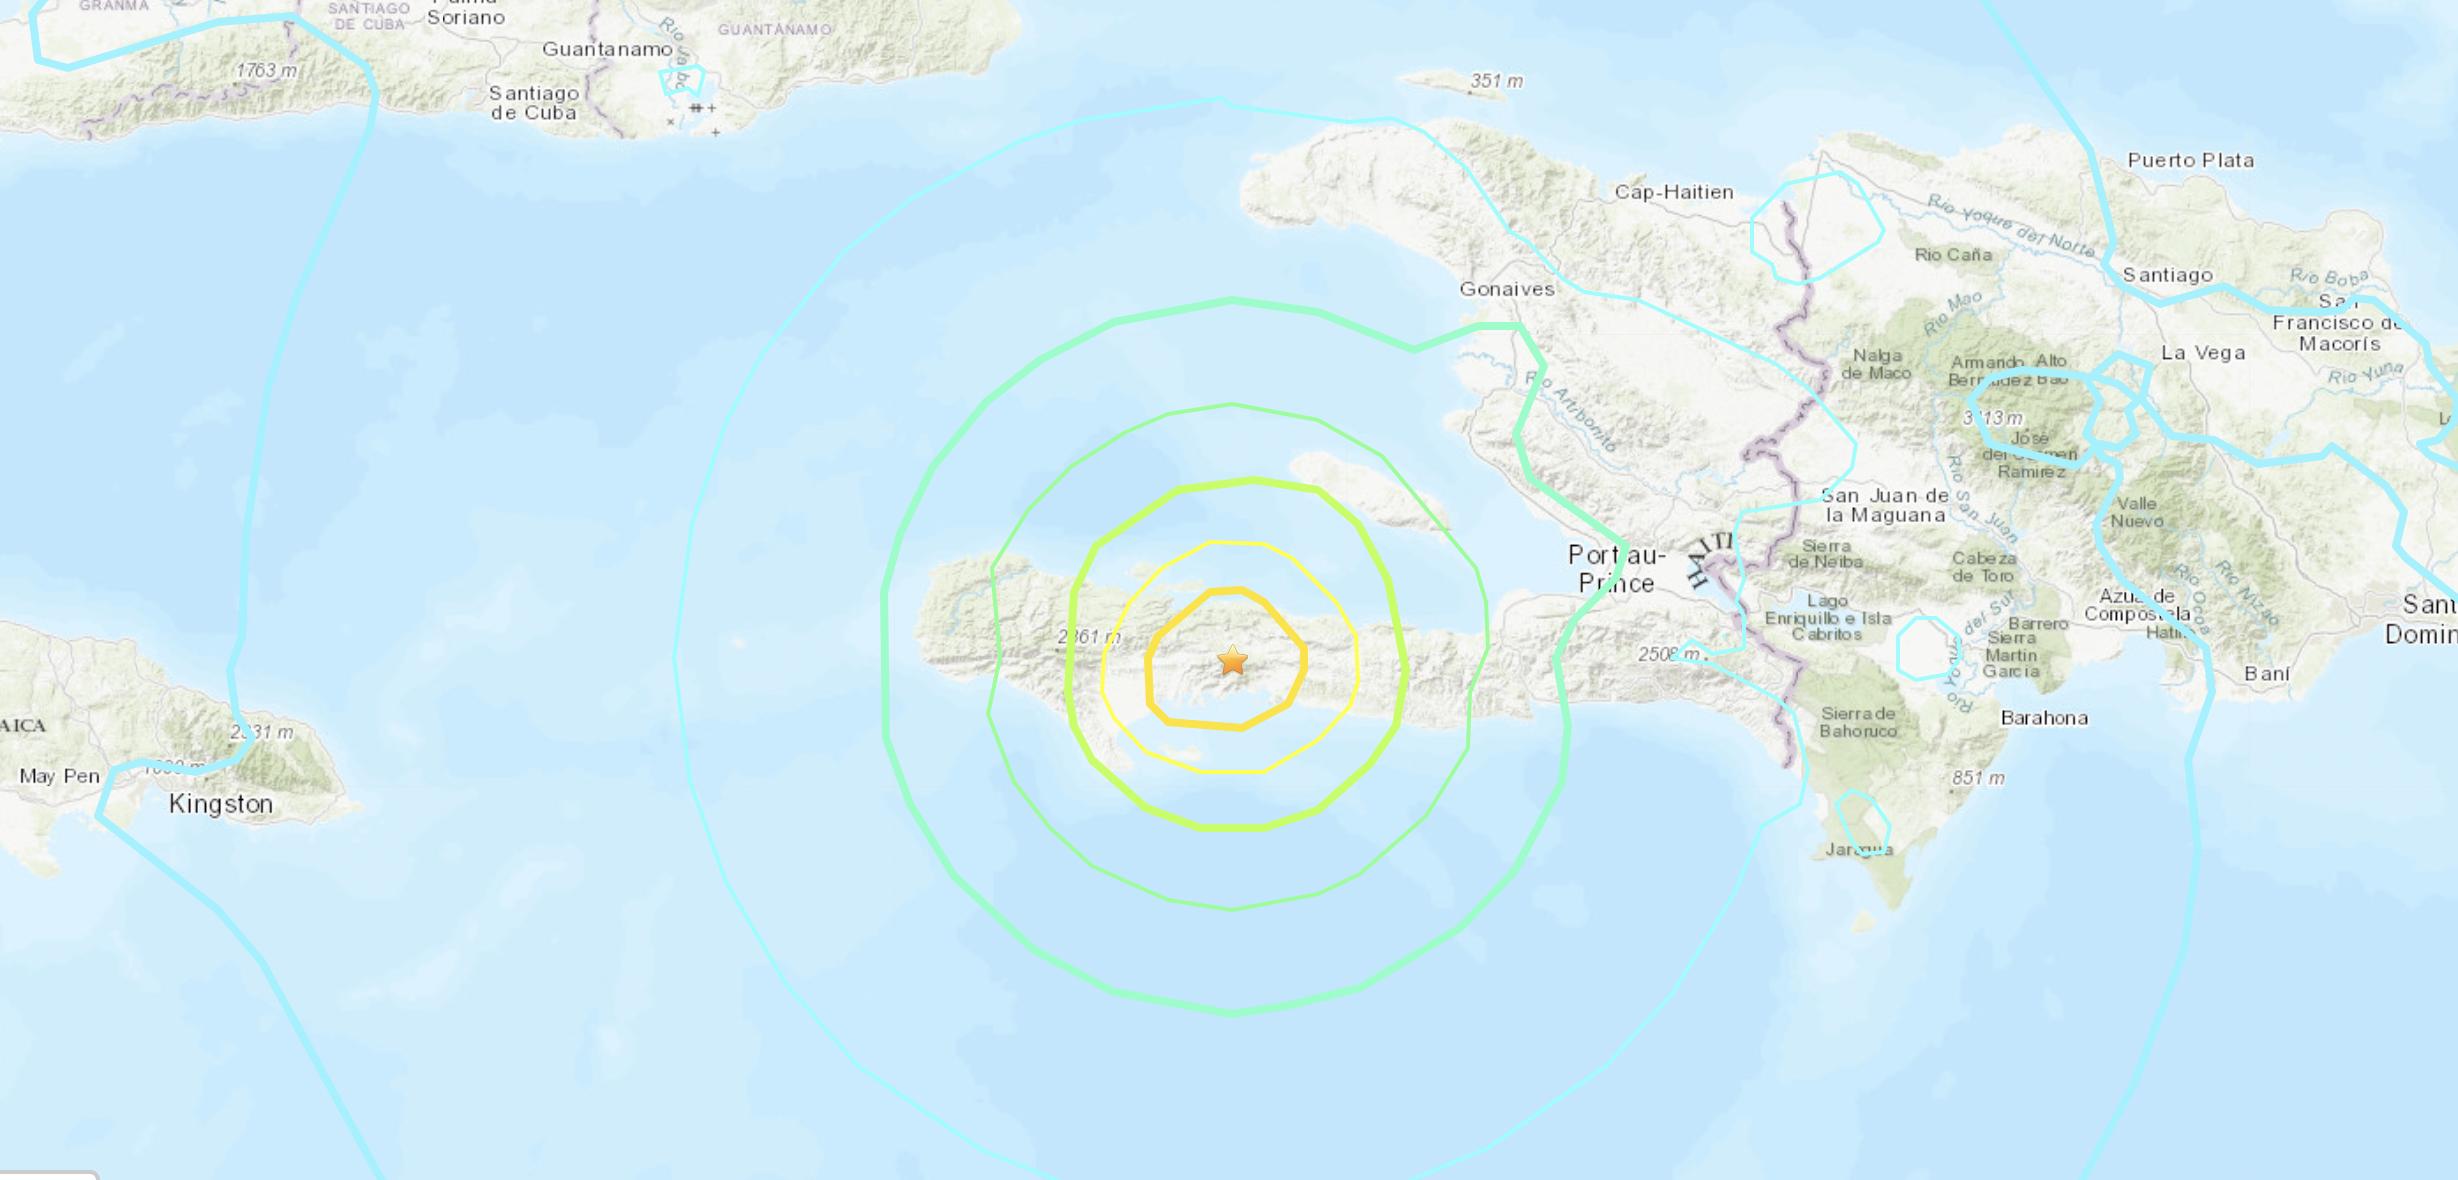 haquake.png